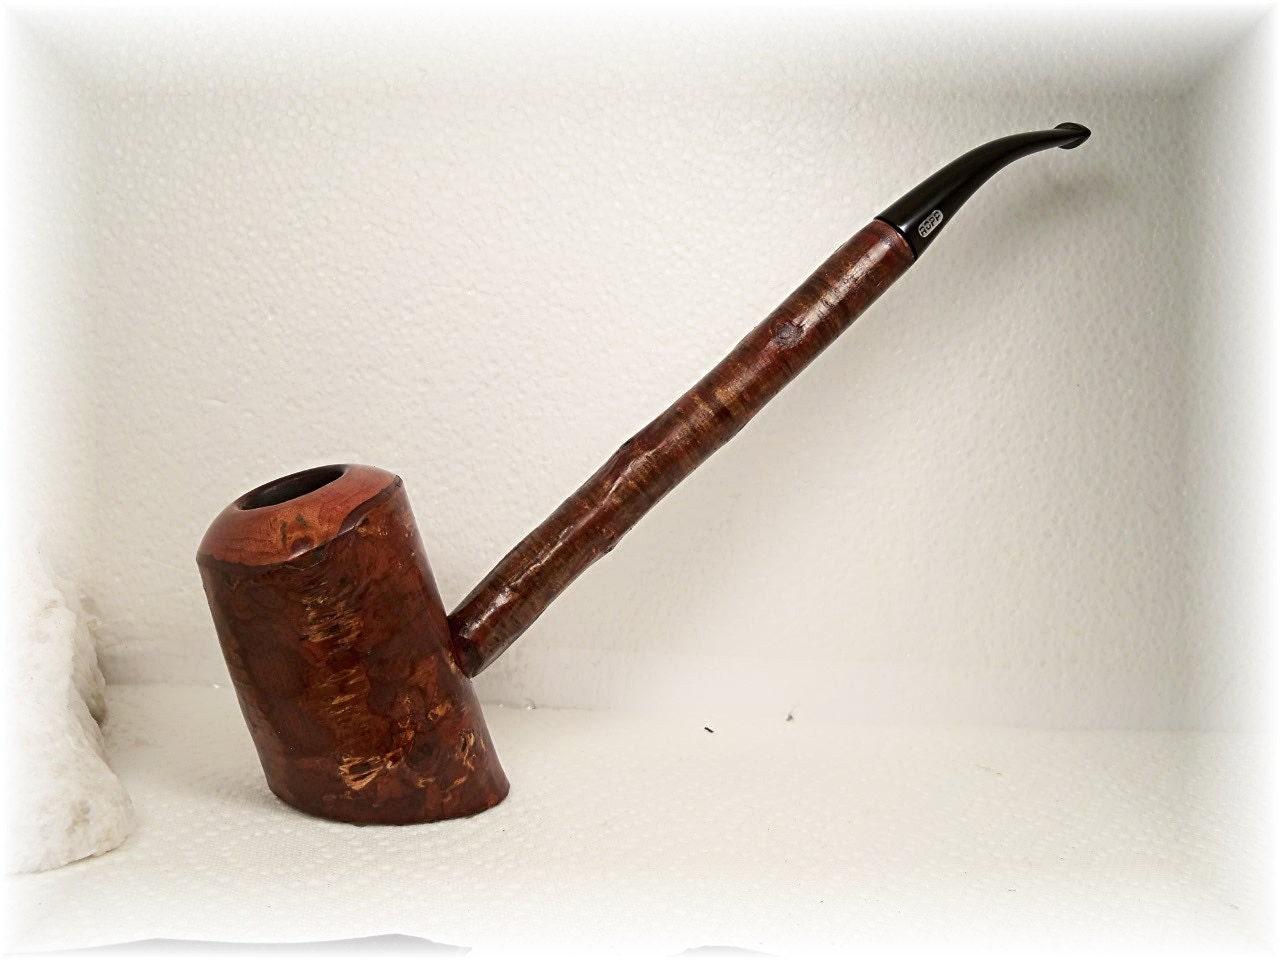 Cherry smoked this pipe - 2 5